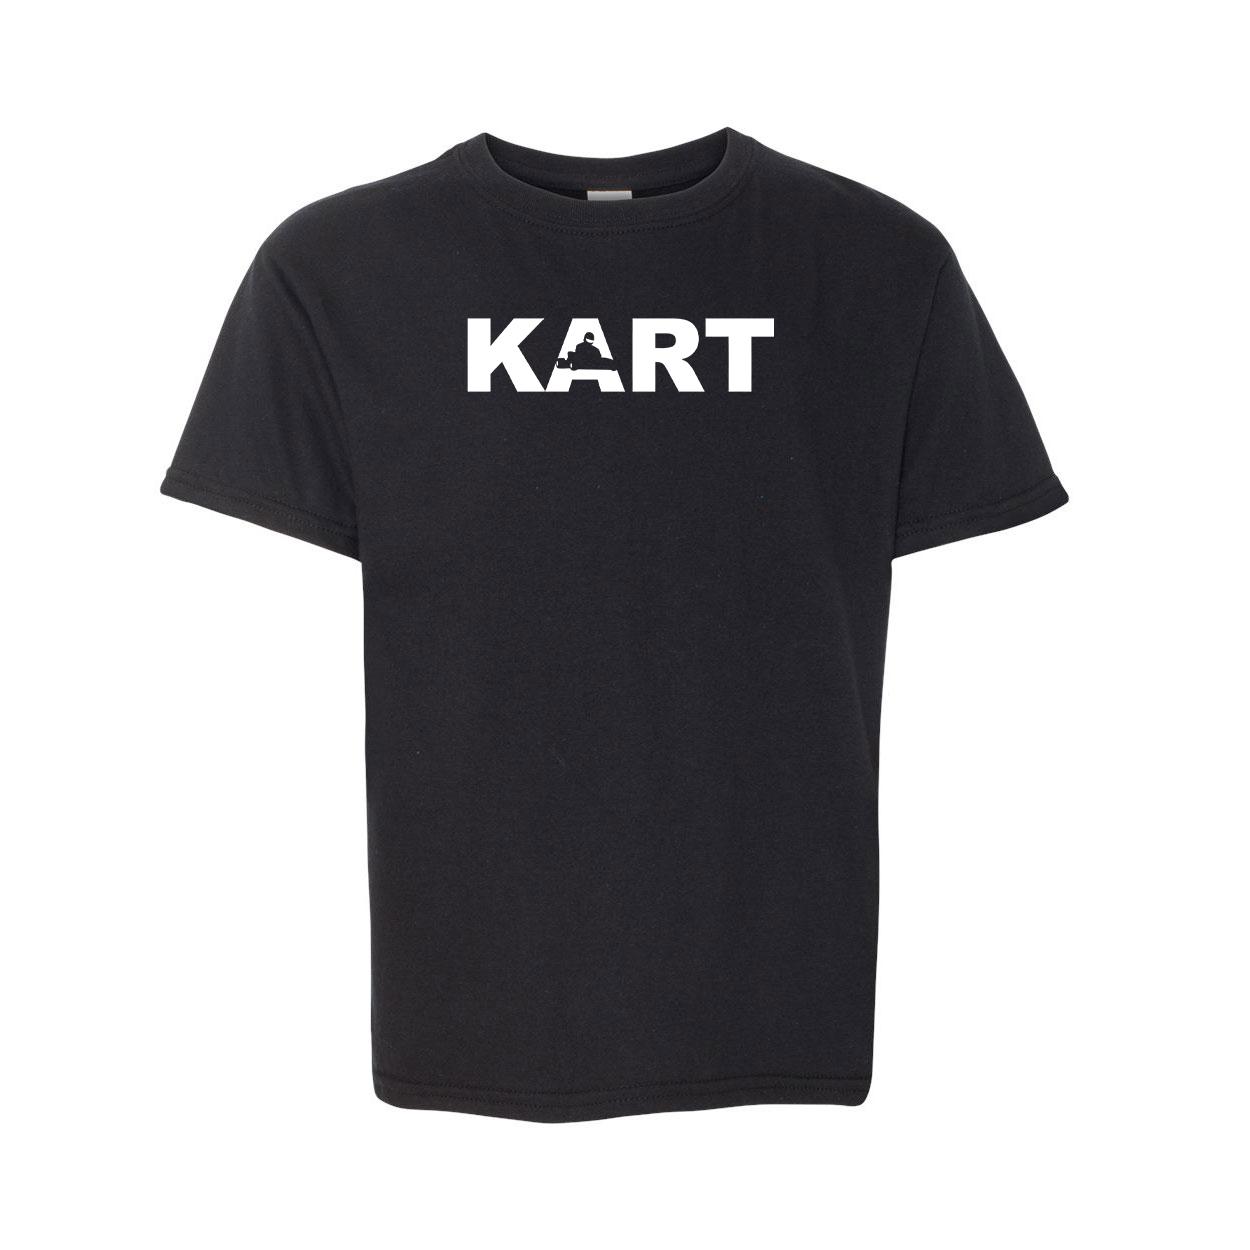 Kart Racer Logo Classic Youth T-Shirt Black (White Logo)